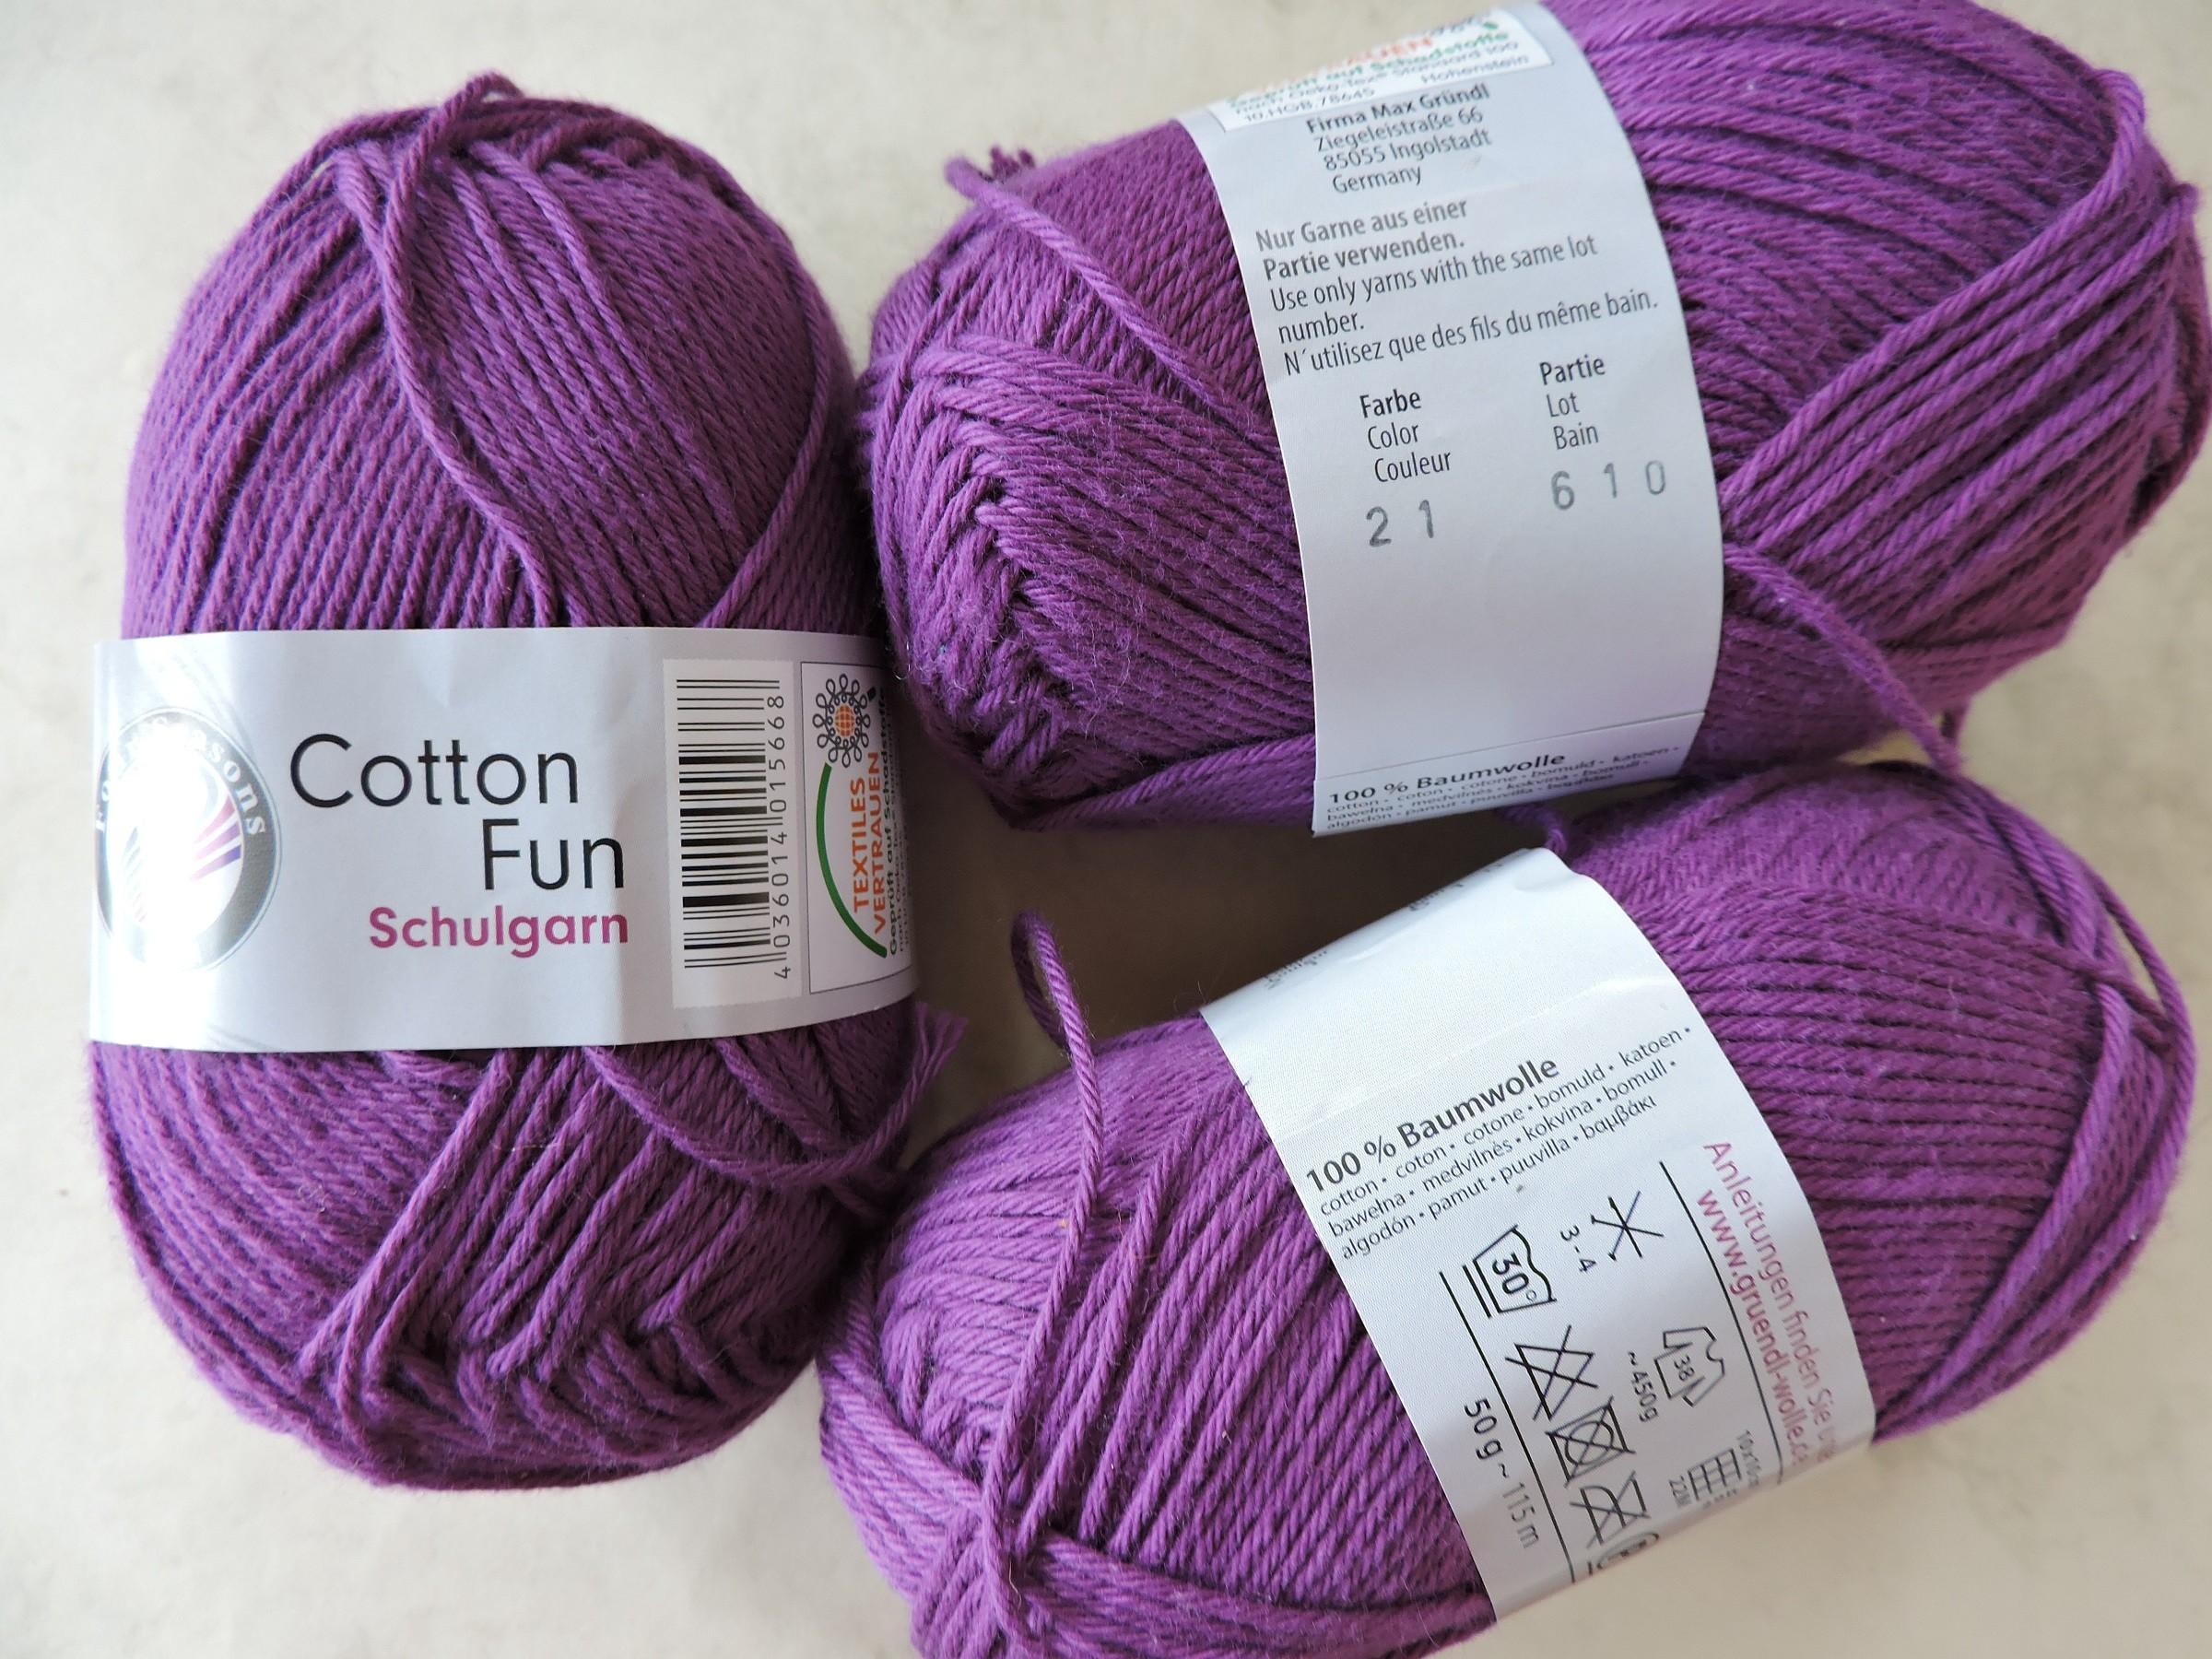 Cotton Fun Schulgarn lõng